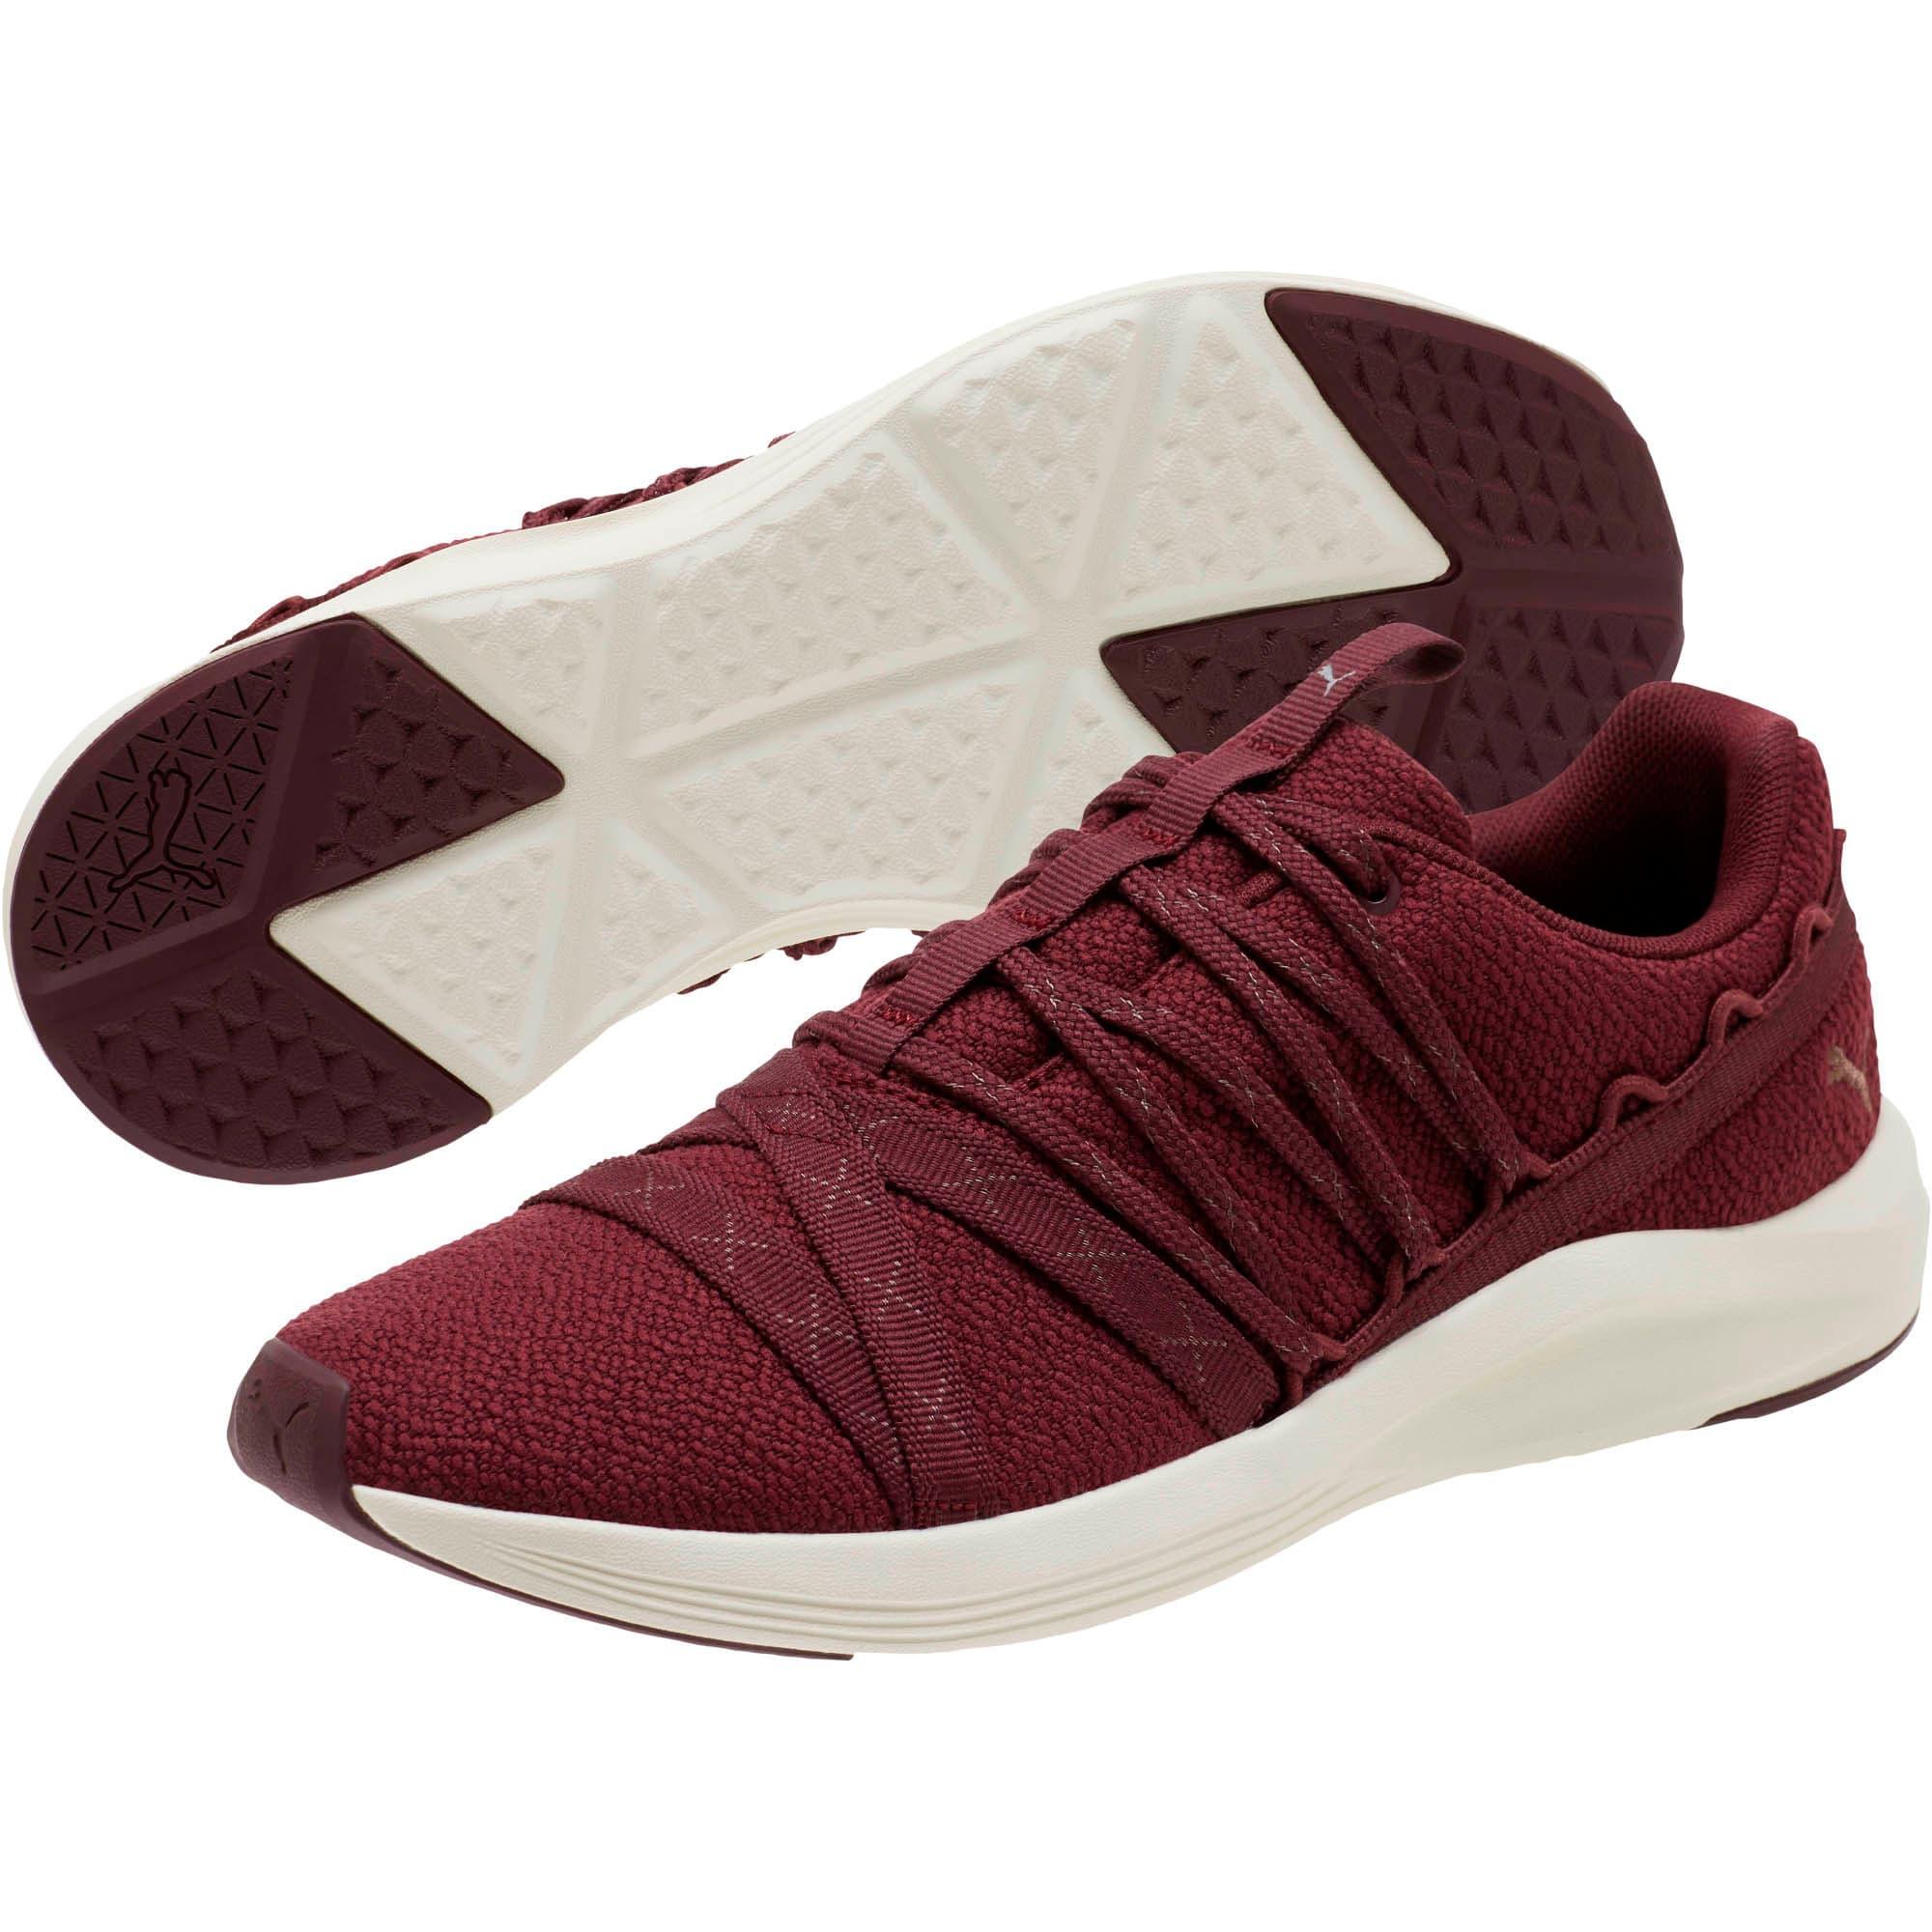 Thumbnail 2 of Prowl Alt 2 LX Women's Training Shoes, Fig-Whisper White, medium